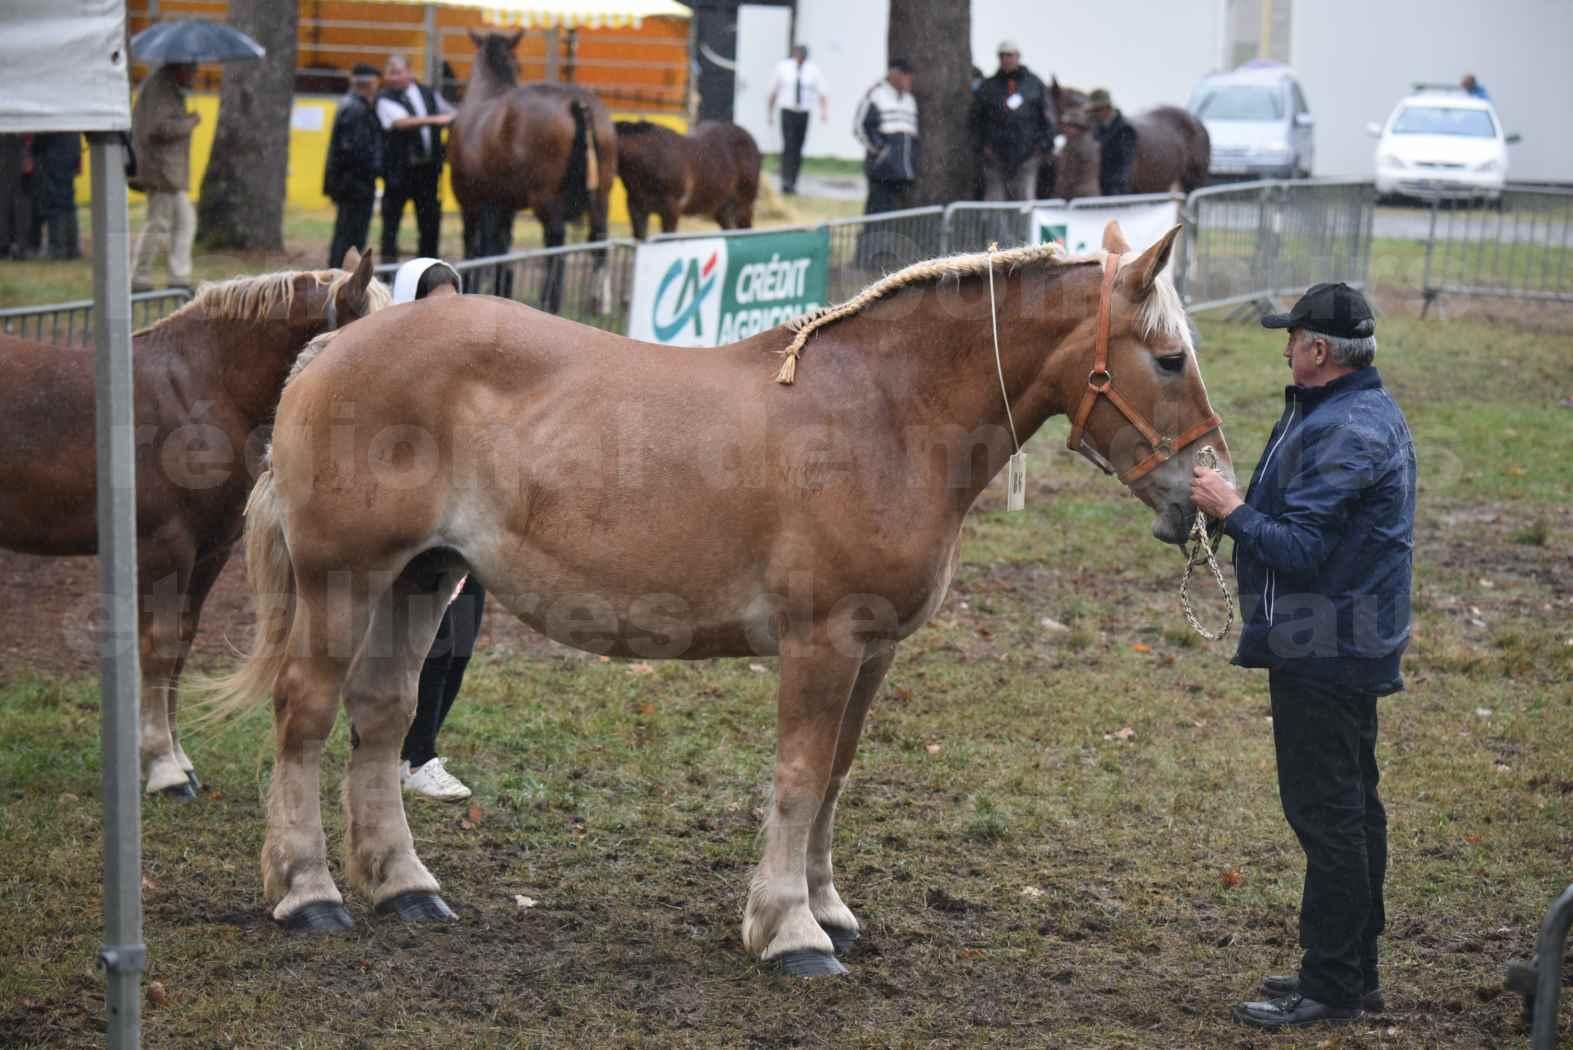 Concours Régional de chevaux de traits en 2017 - Trait BRETON - Jument suitée - OREE DES AMOUROUX - 04